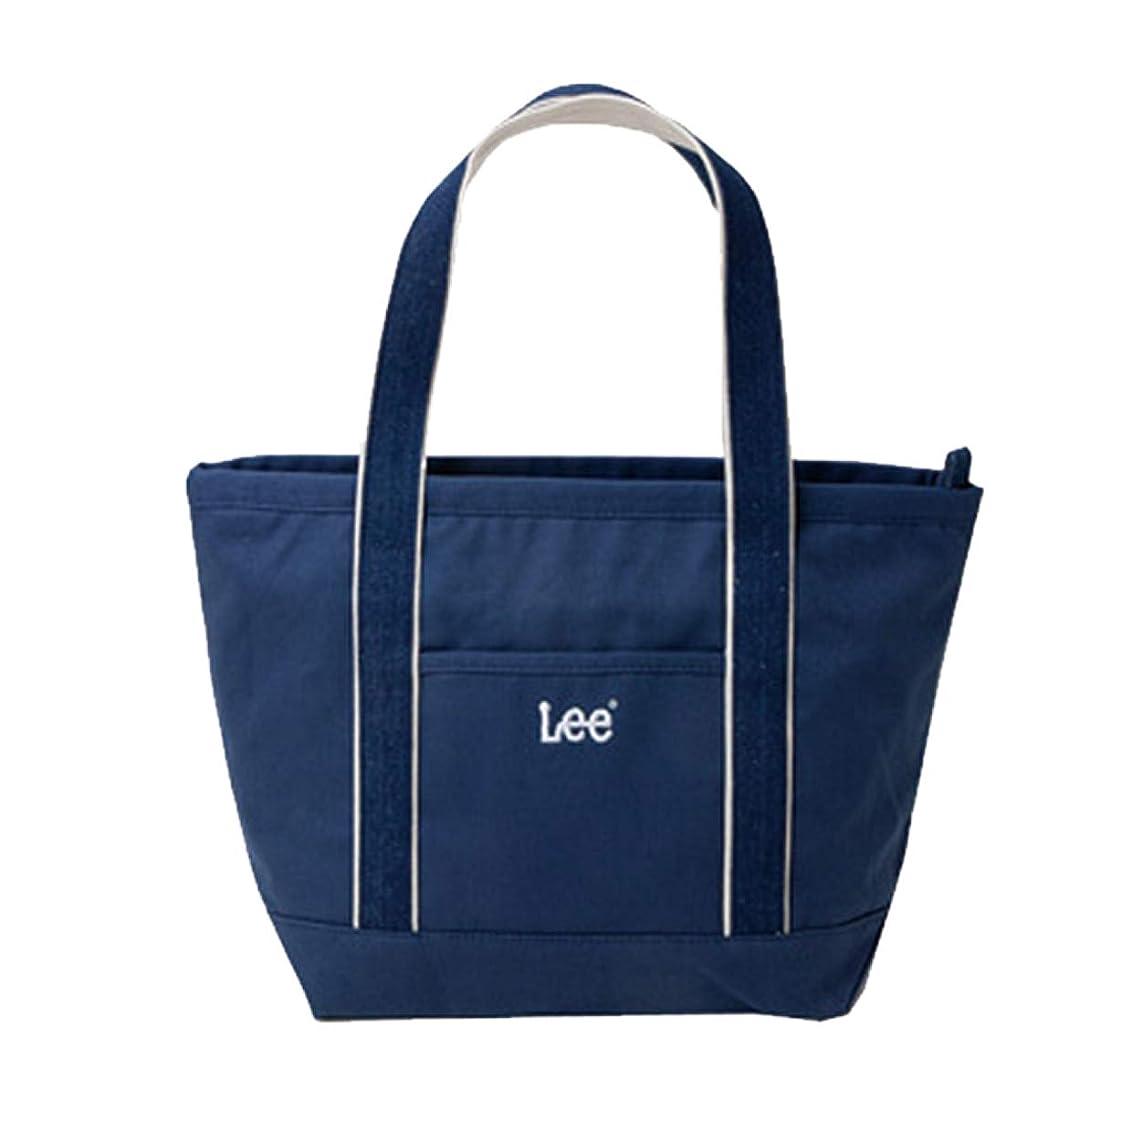 船上テレビを見るシンジケート取寄品リー Lee ハンプトート トートバッグ バッグ 鞄 キャンバス ランチバッグ ランチトート 0425308